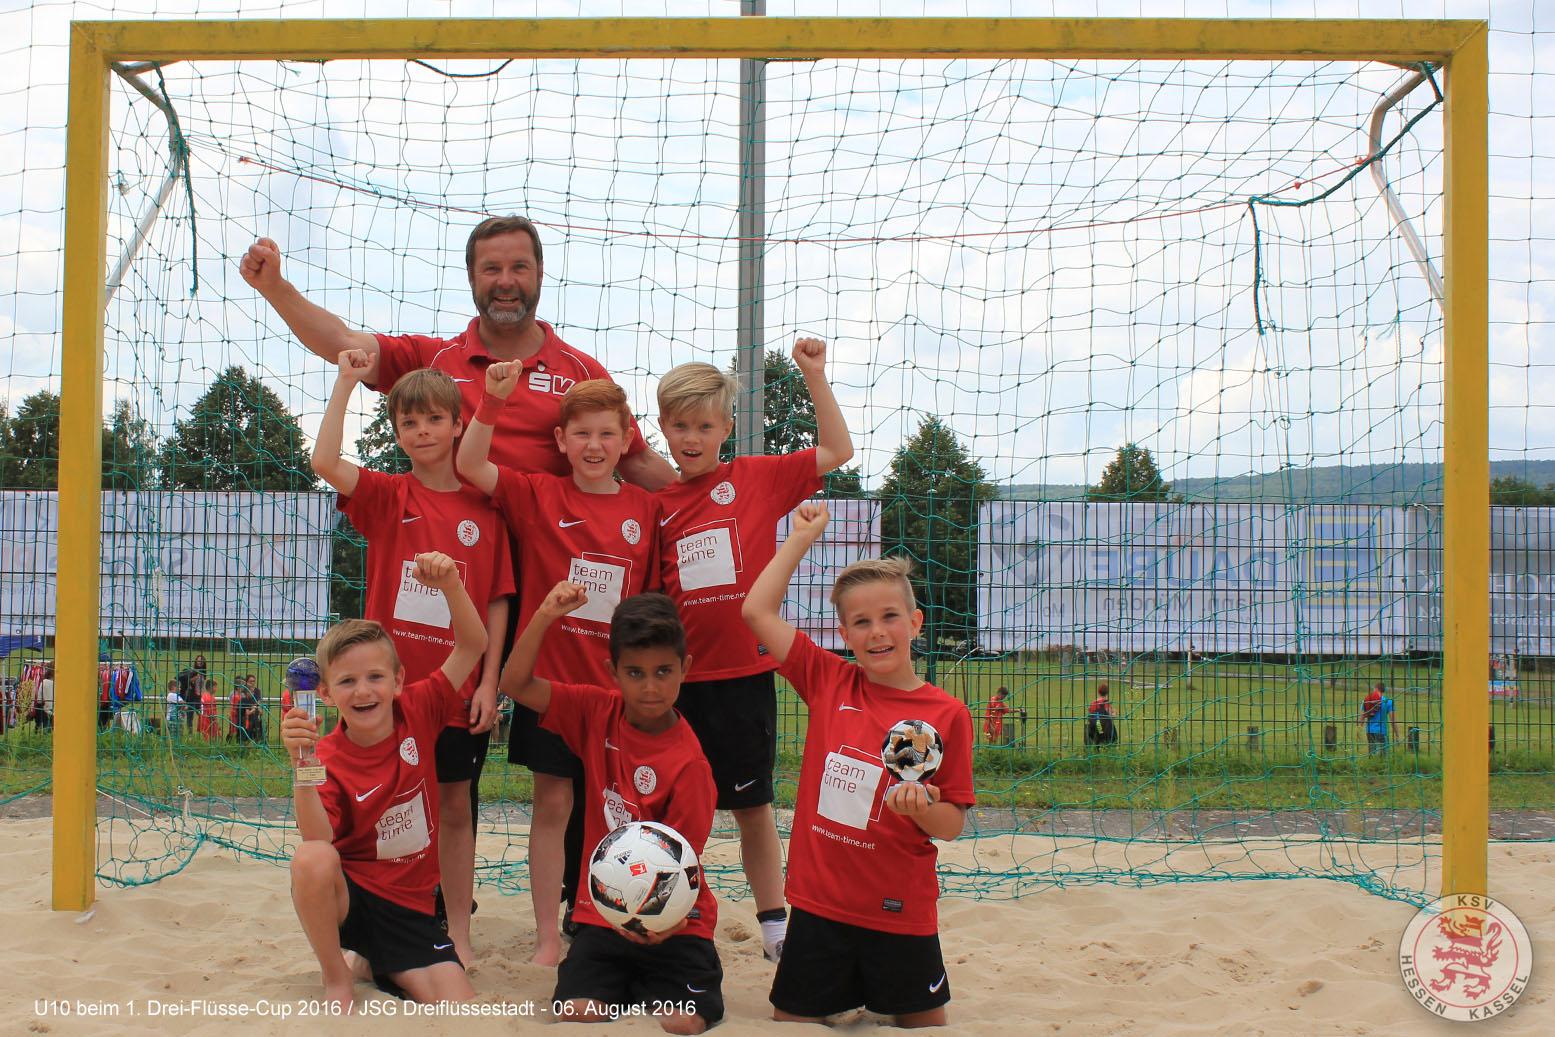 U10 1. Drei-Fl�sse-Cup 2016